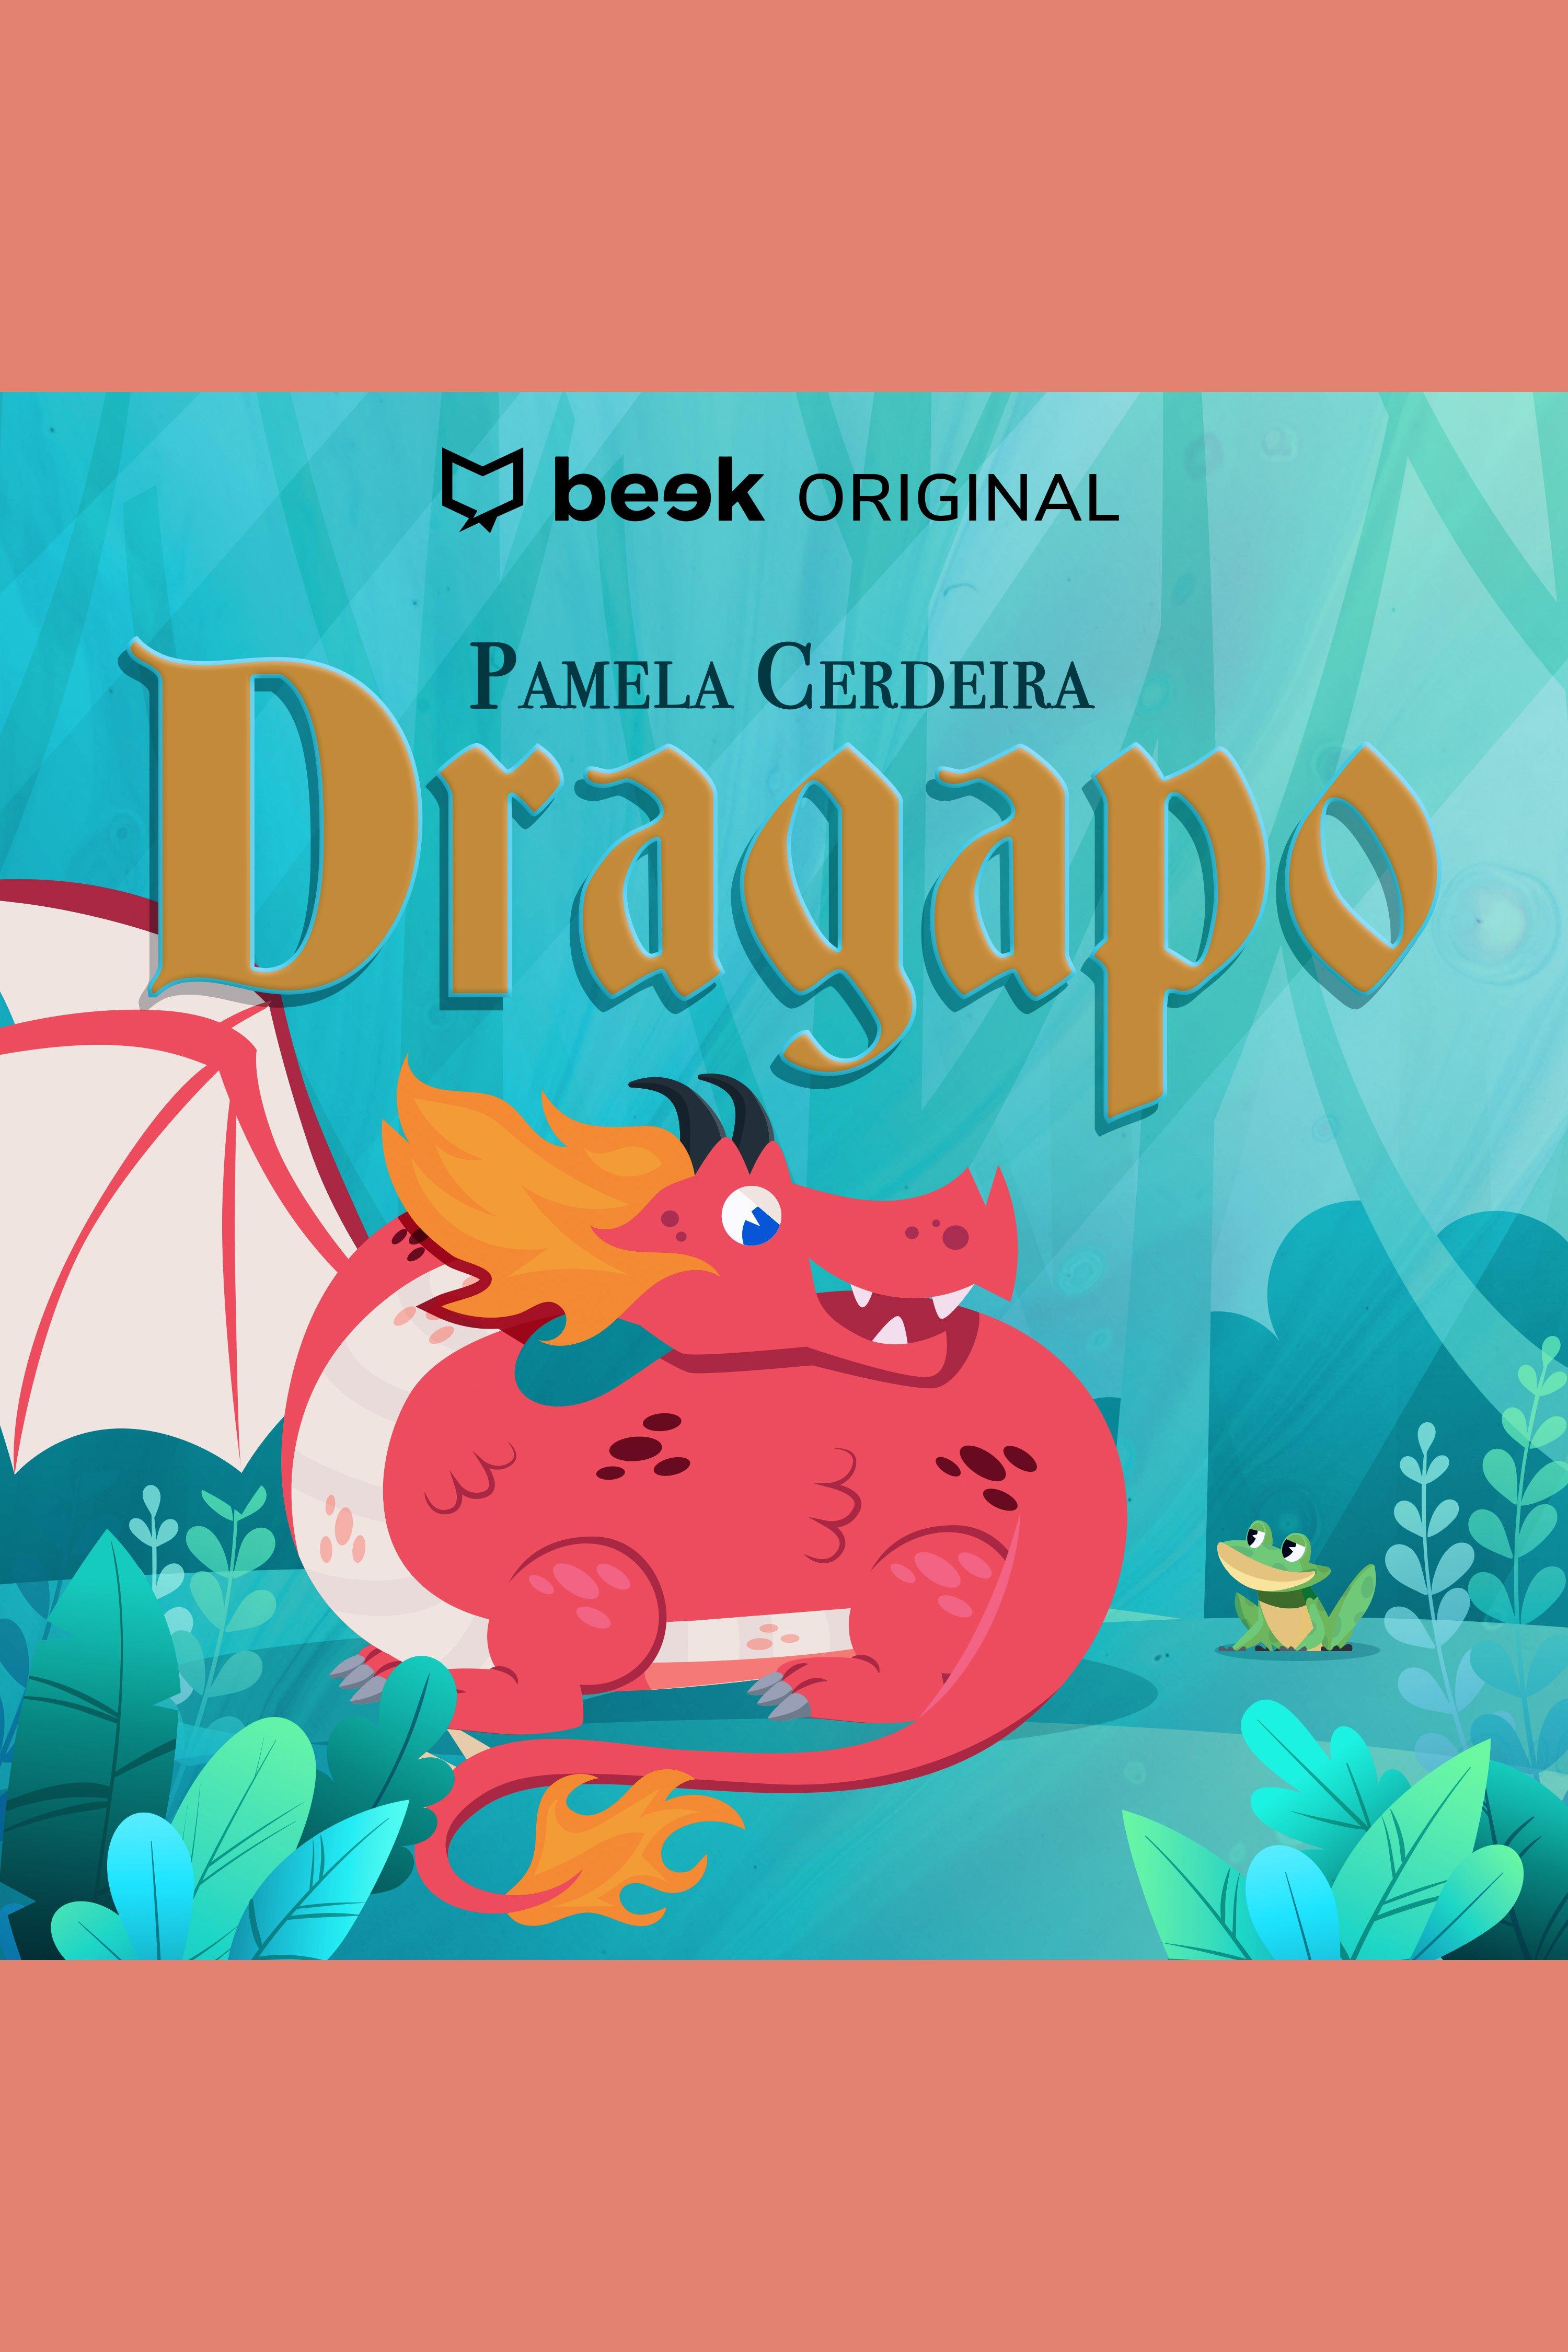 Esta es la portada del audiolibro Dragapo